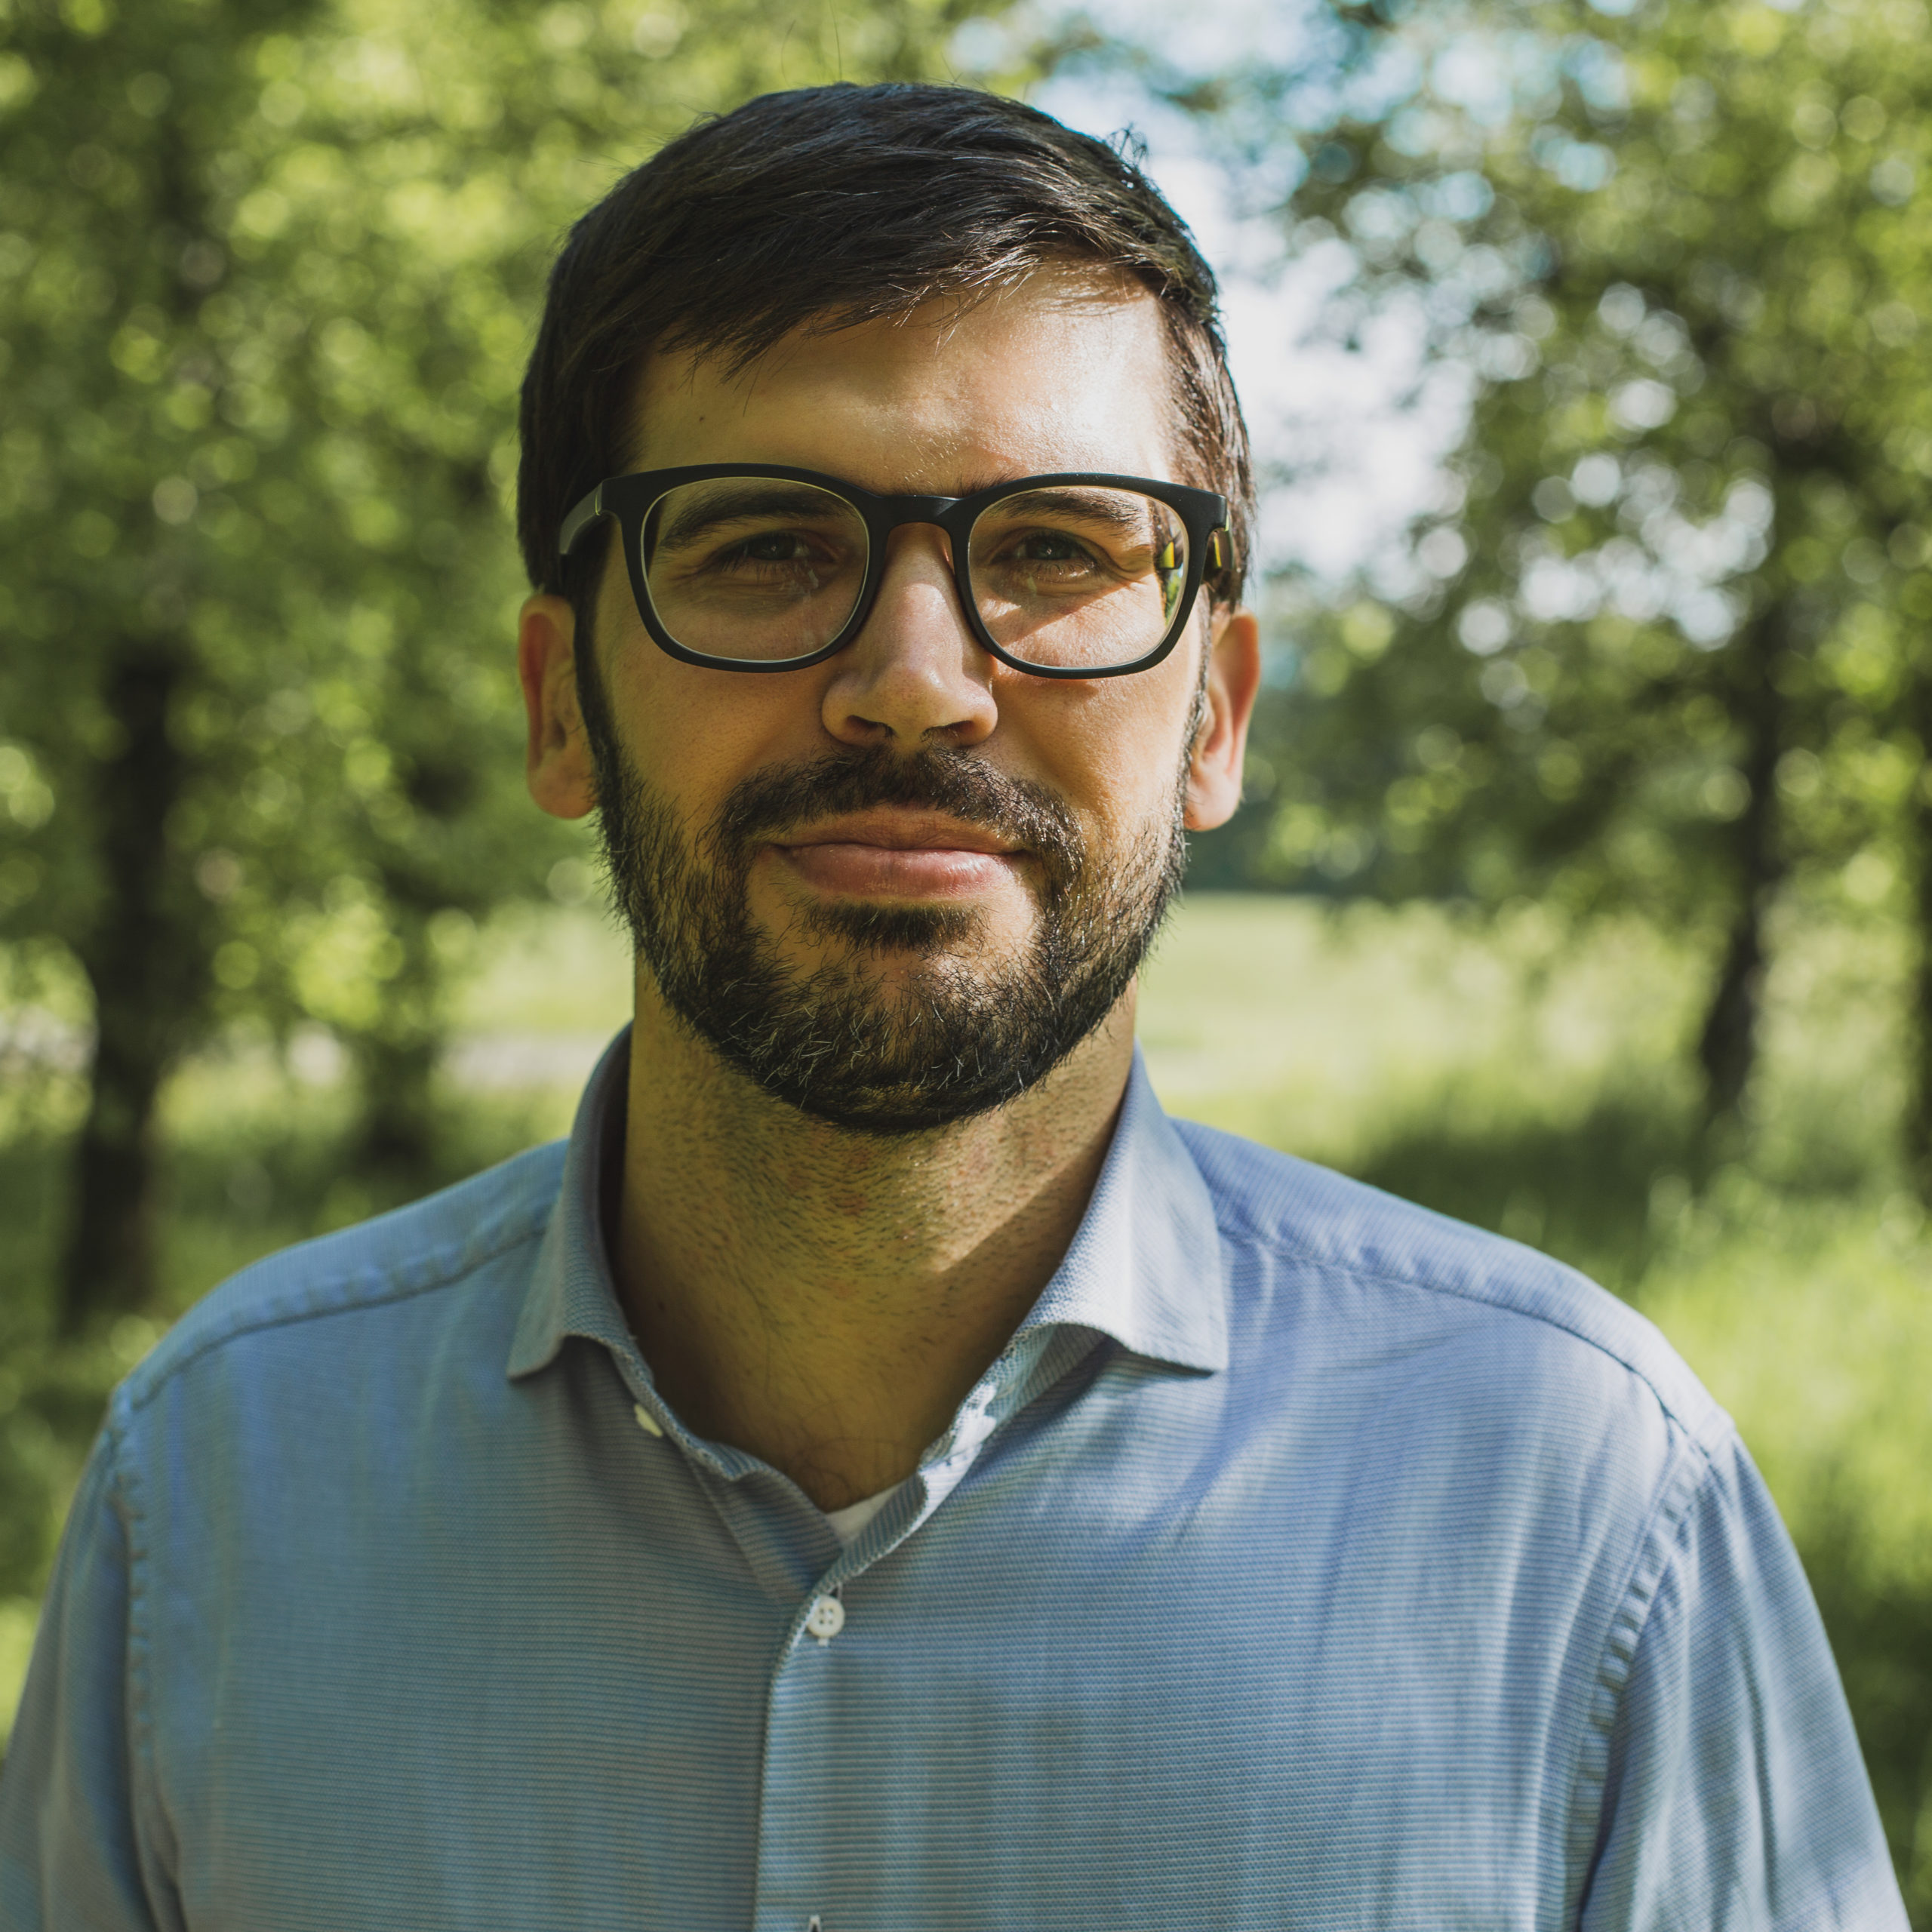 Олексій Гордєєв